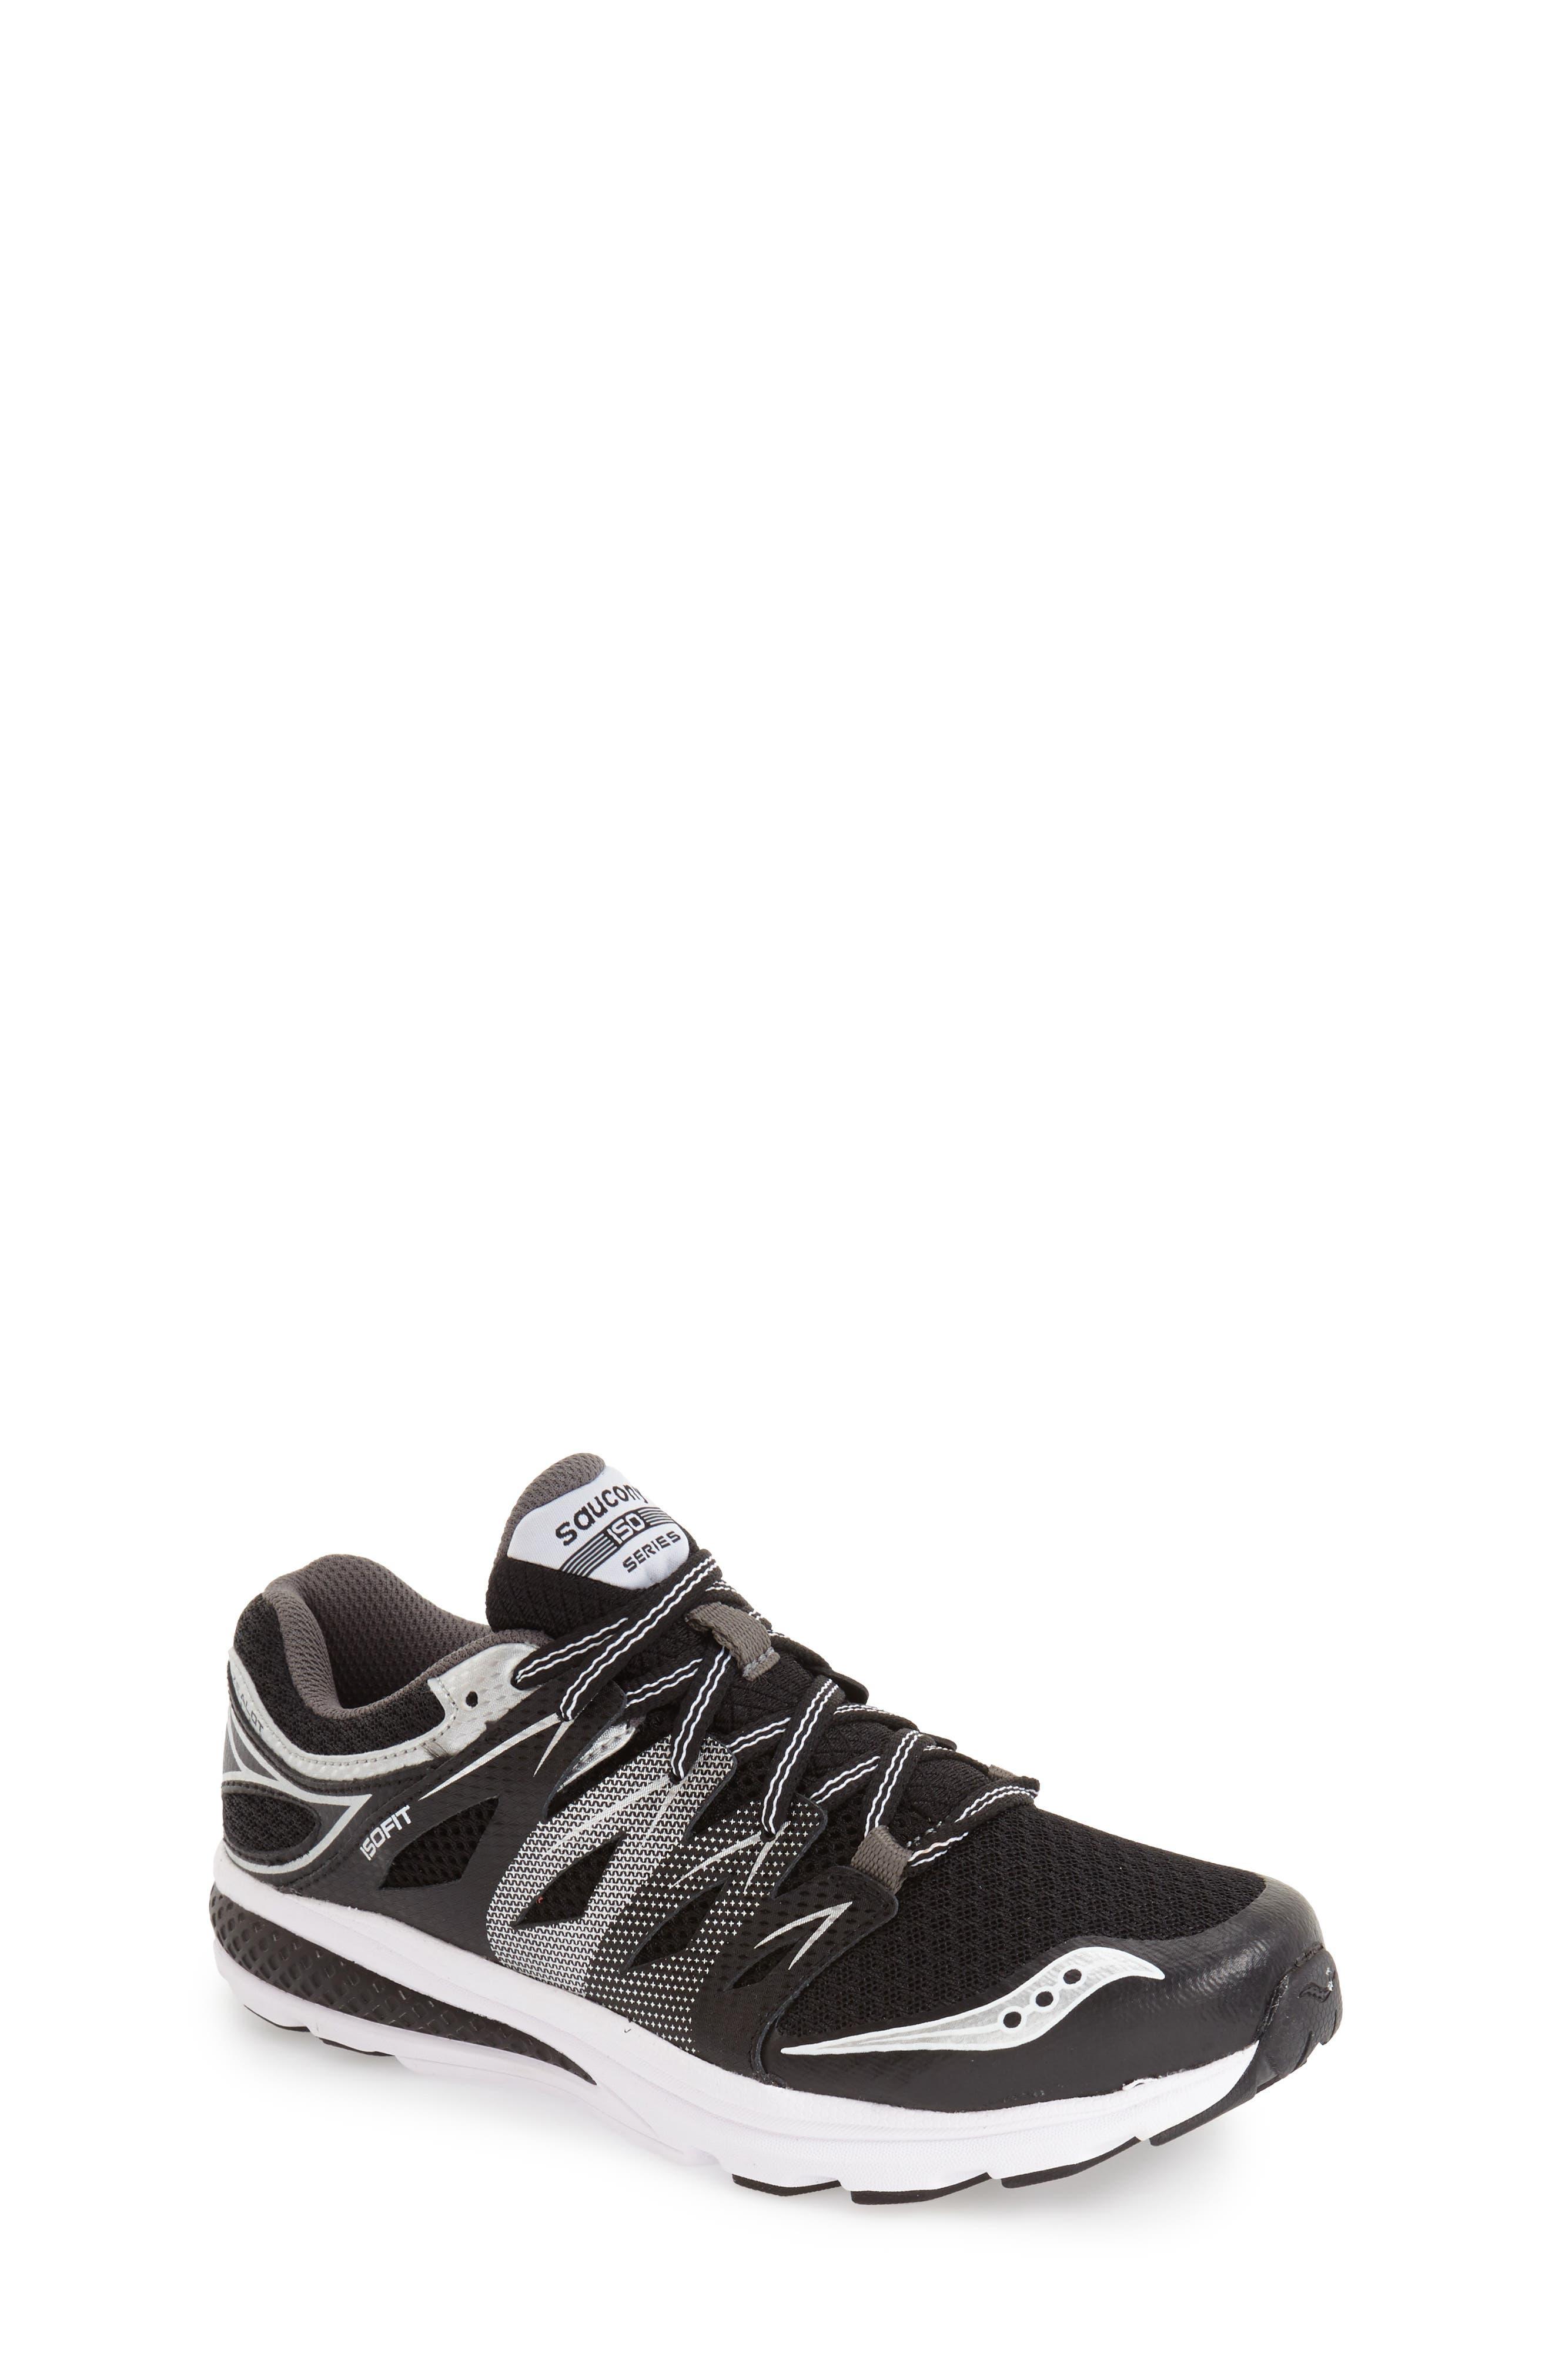 'Zealot 2' Athletic Shoe,                             Alternate thumbnail 3, color,                             001